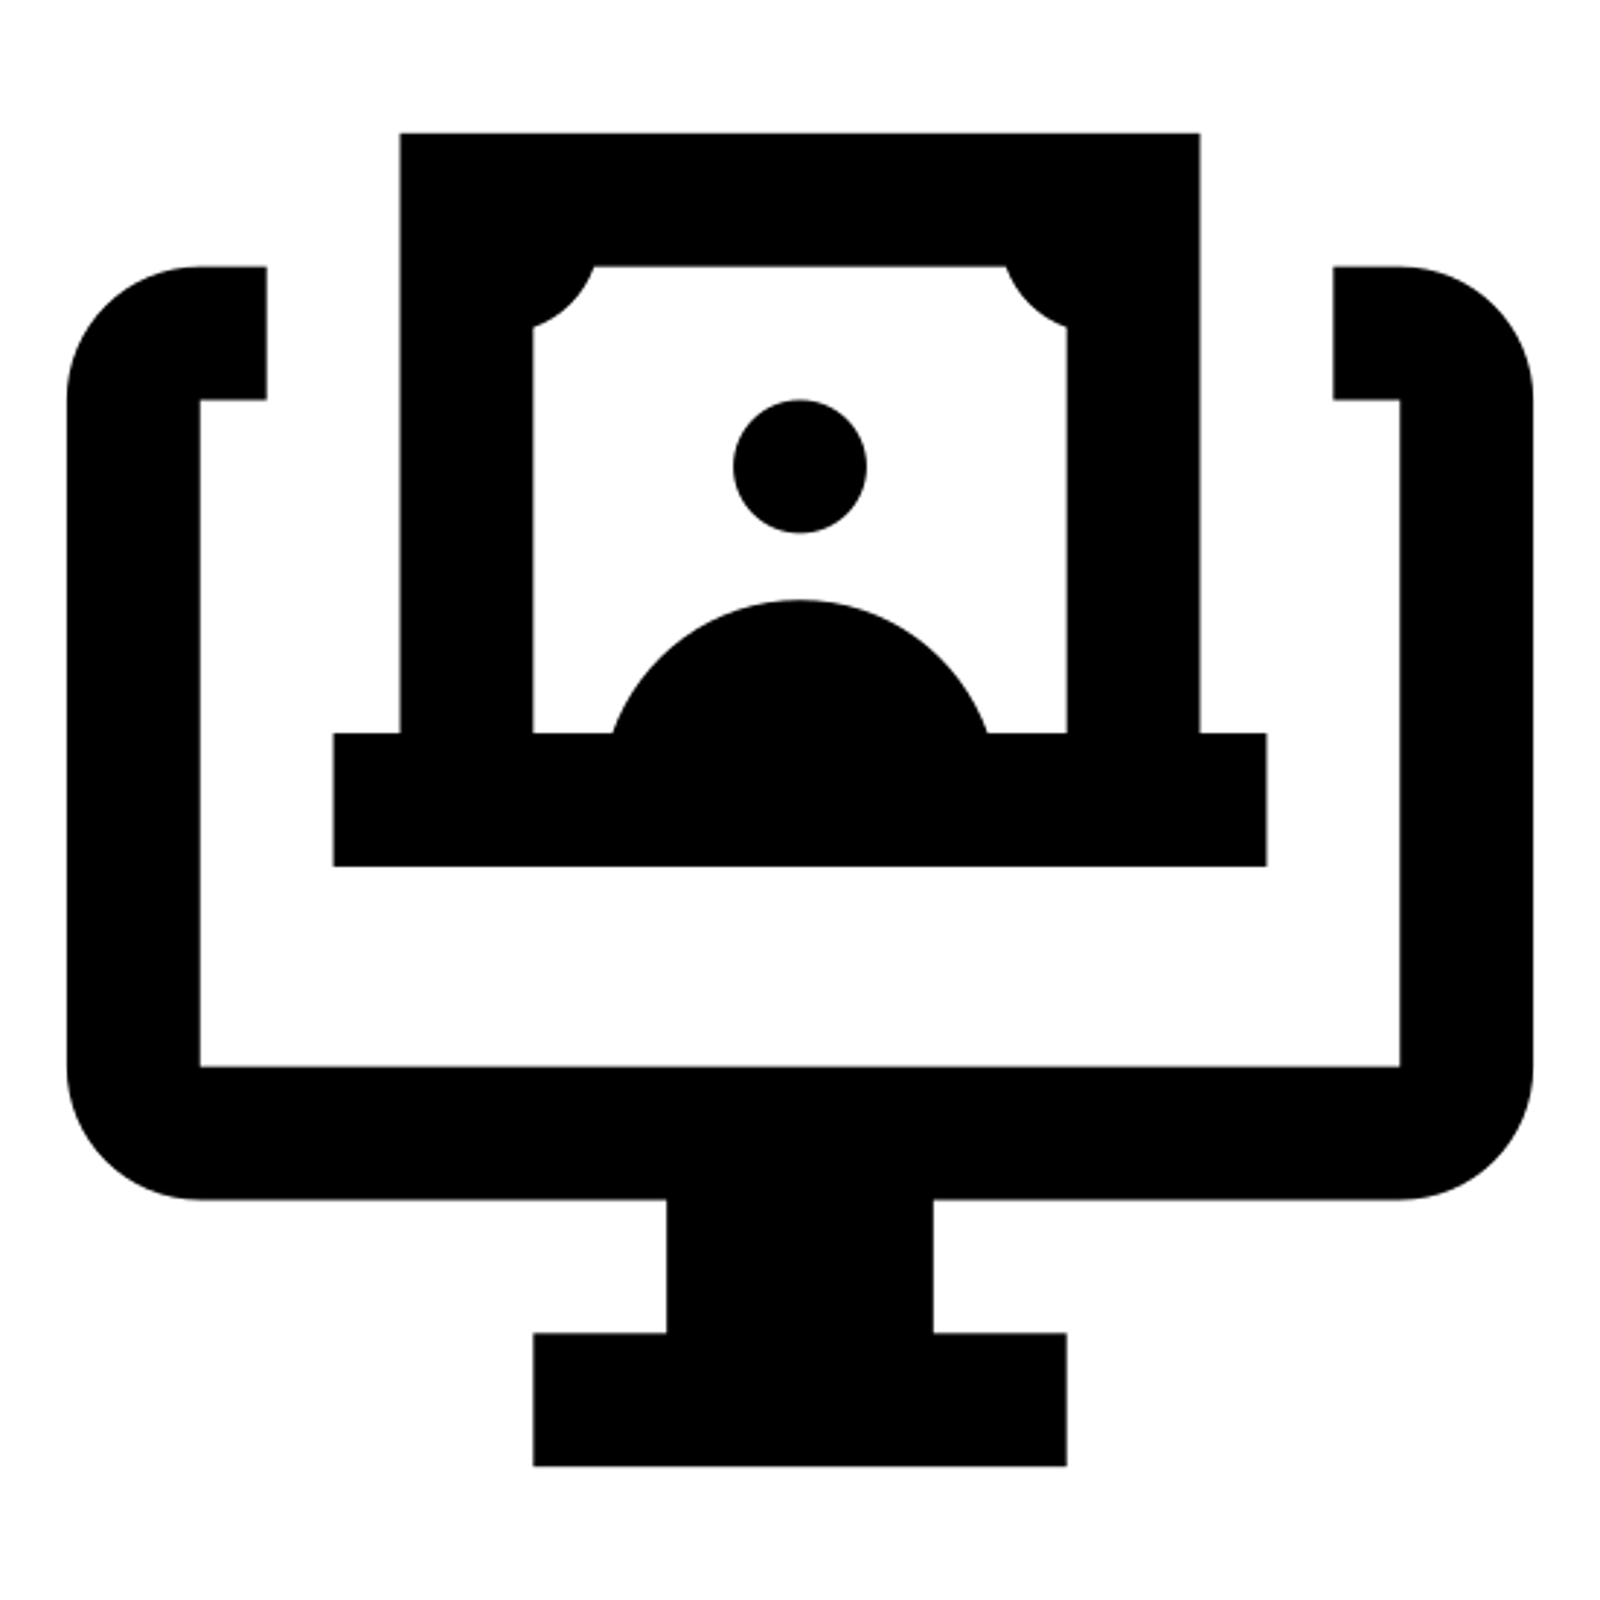 Przelew online icon